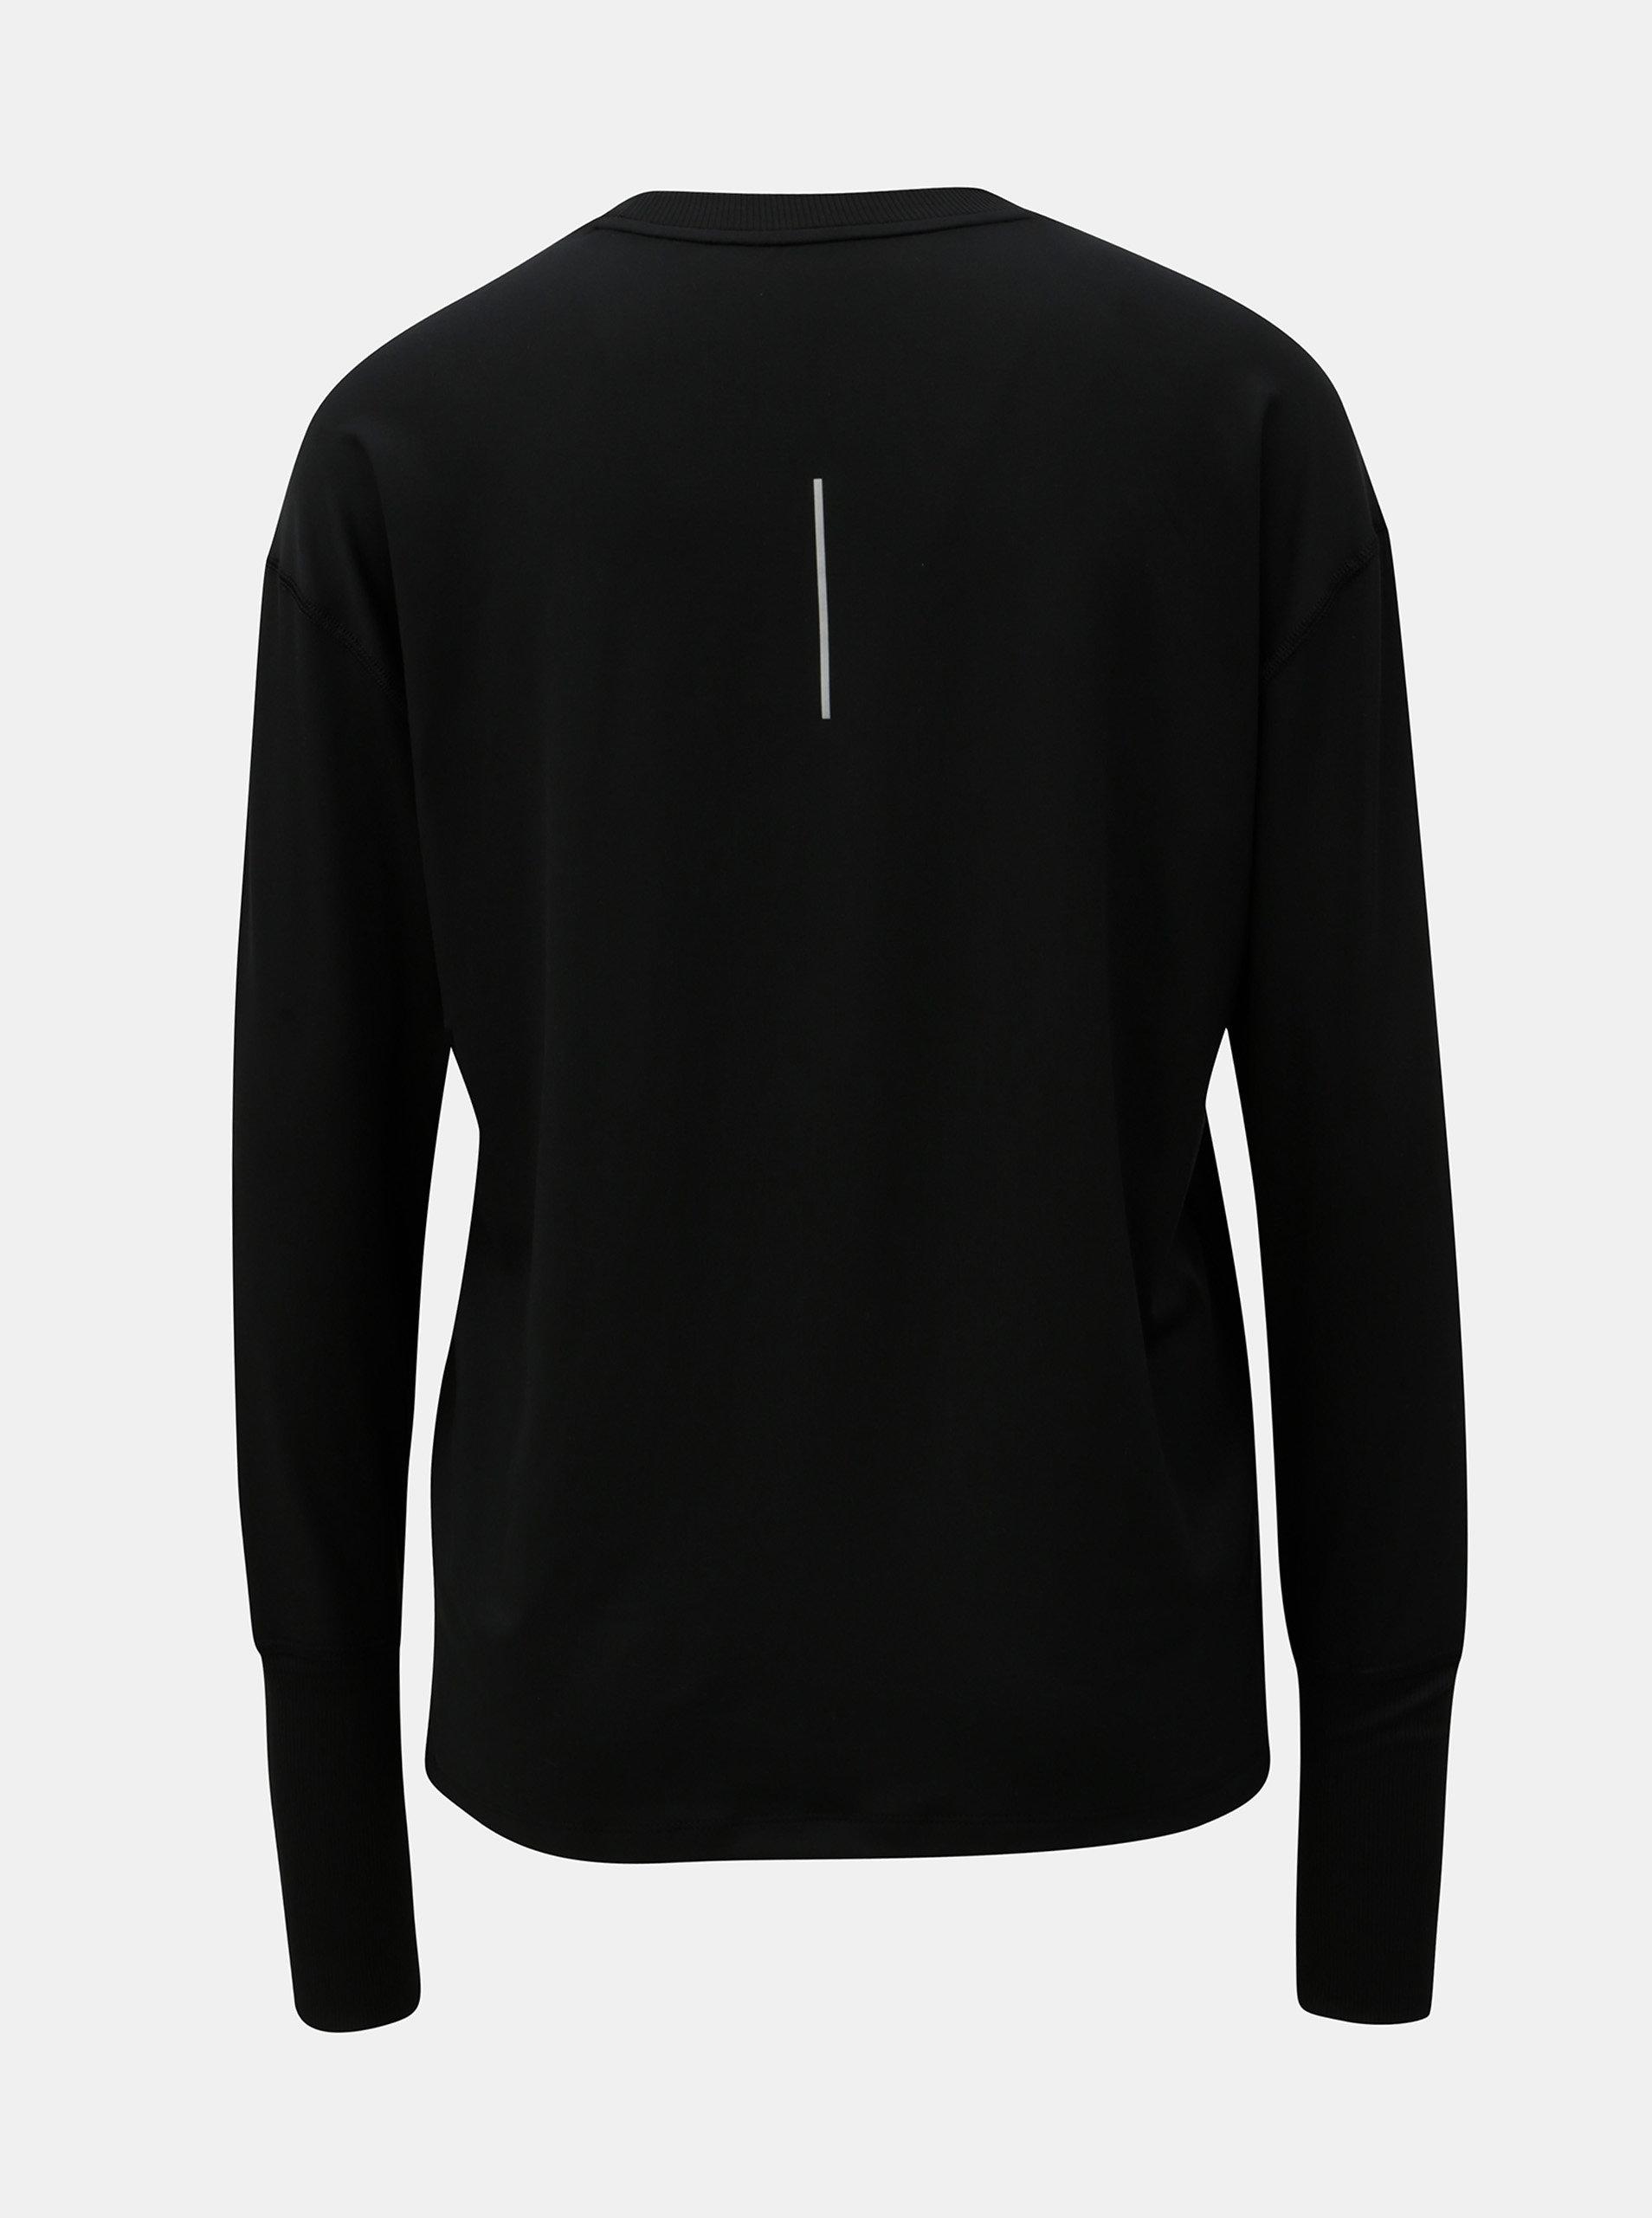 c30c0c301fb5 Čierne dámske funkčné tričko s dlhým rukávom Nike ...